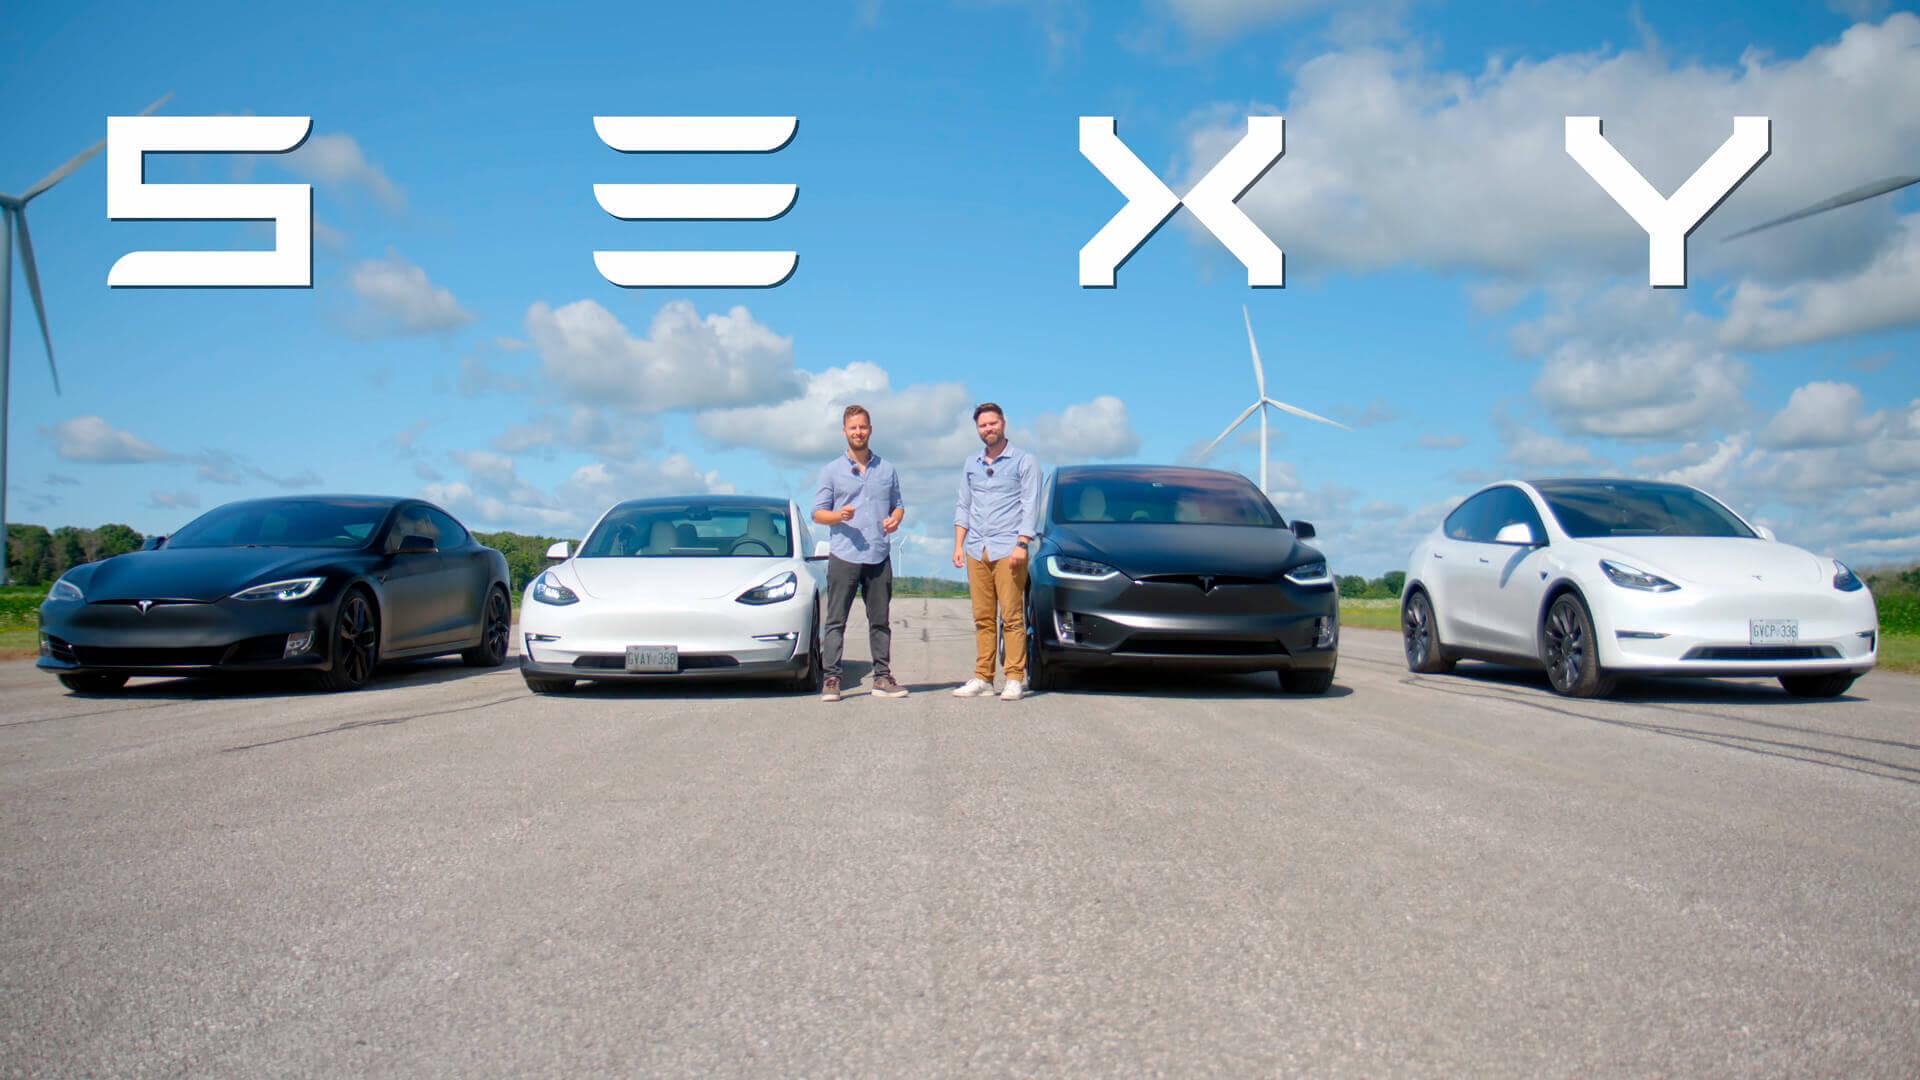 S3XY-гонка определила самые быстрые серийные модели Tesla